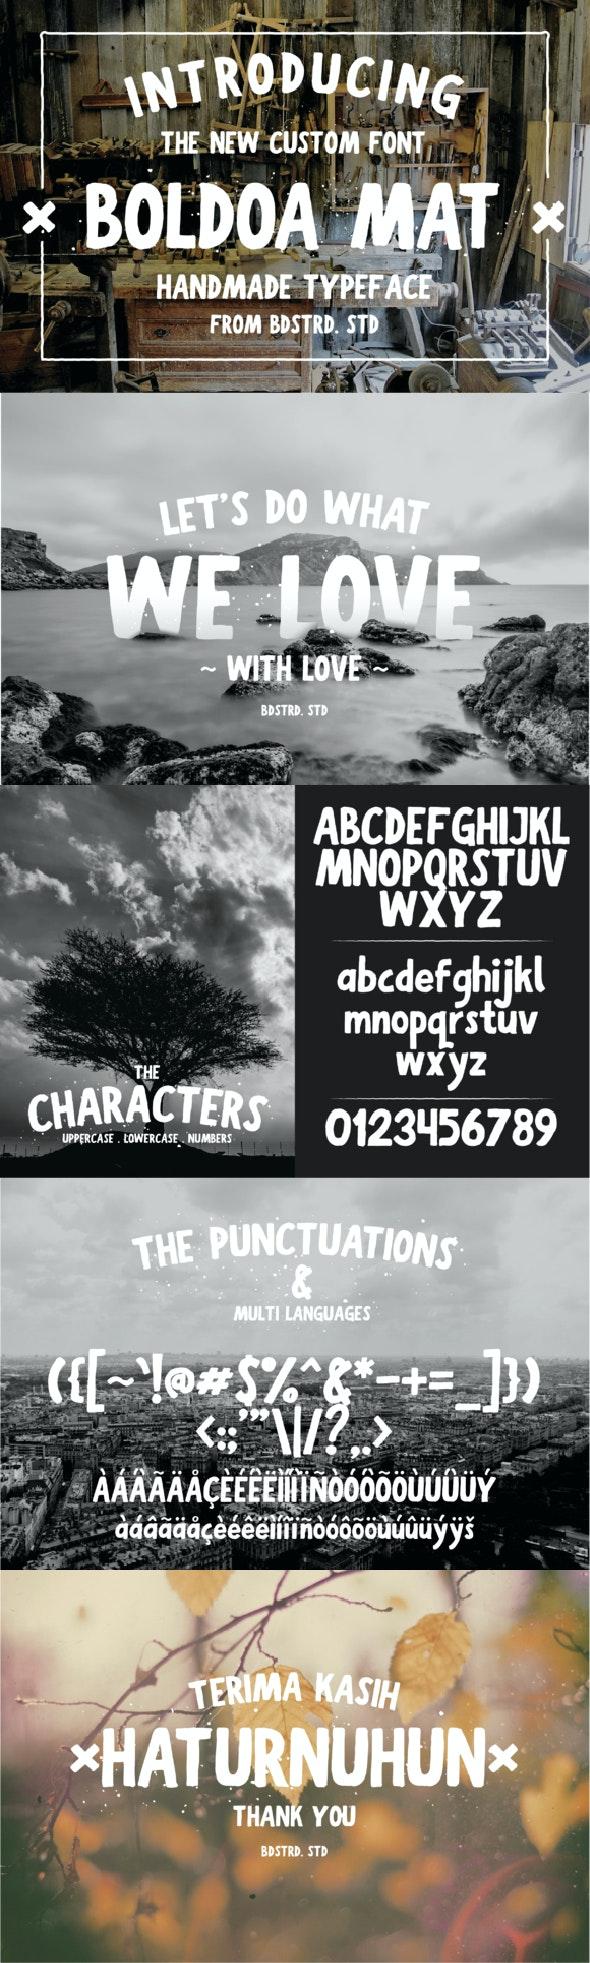 Boldoa Mat Handmade Typeface - Sans-Serif Fonts